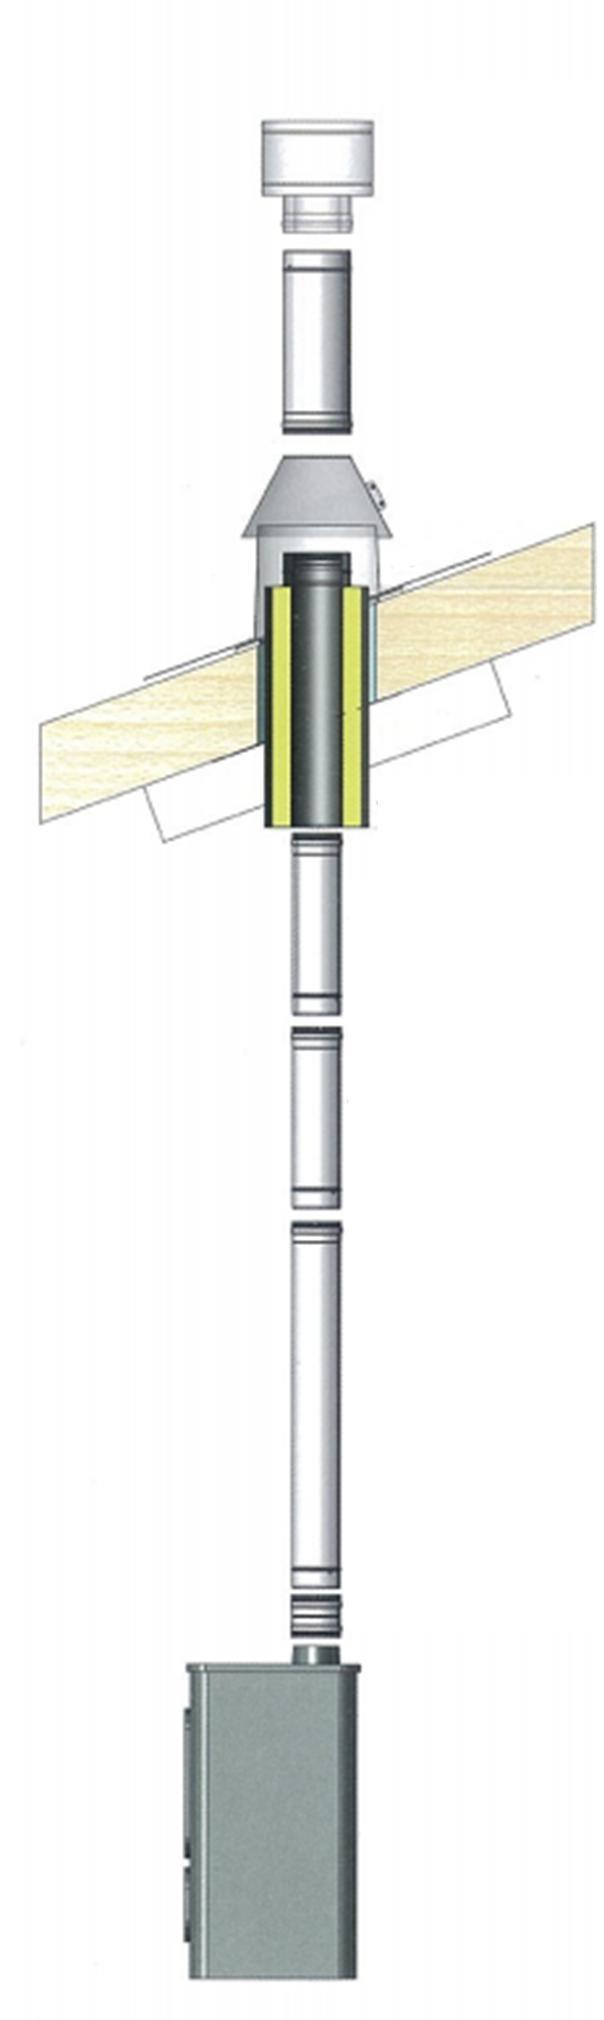 travers isol pour toiture en bois 150mm r f conduits de fum e conduits de fum e. Black Bedroom Furniture Sets. Home Design Ideas